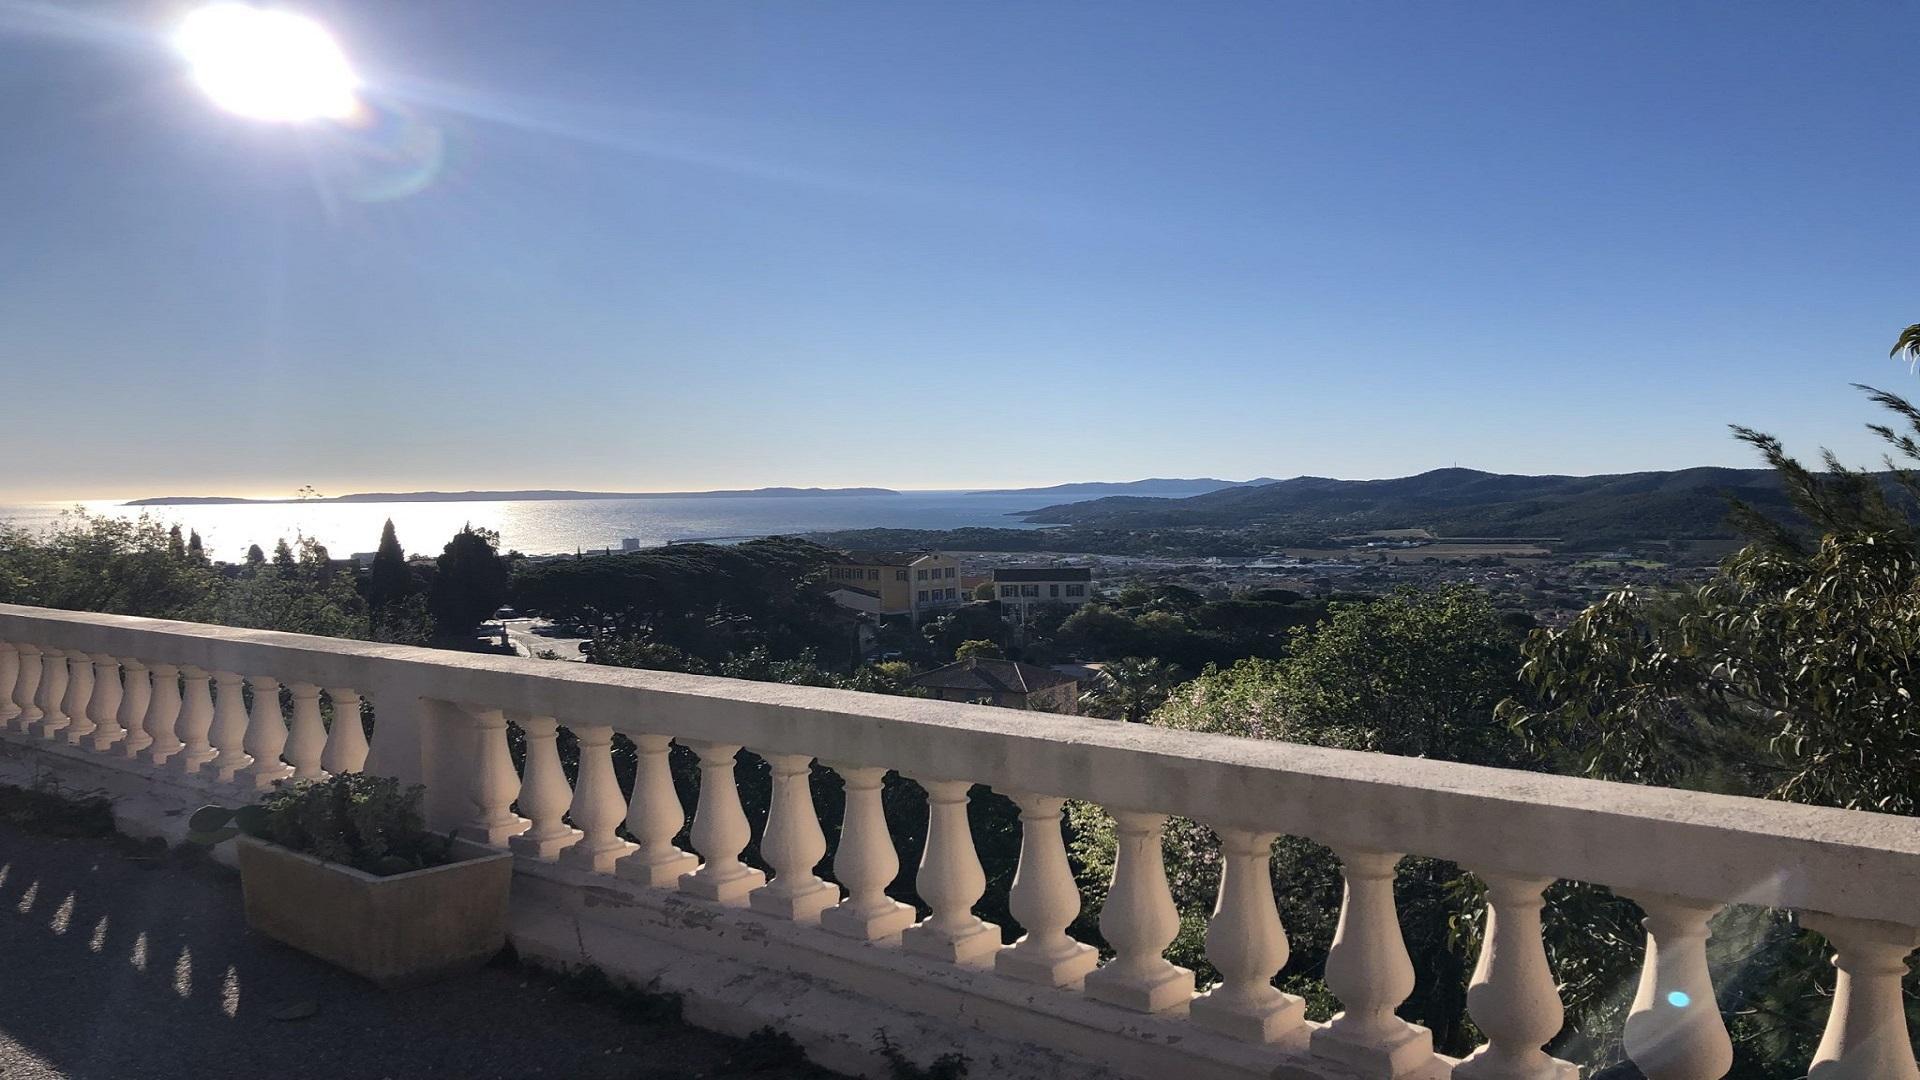 eden-rose-grand-hotel-bormes-les-mimosas-paca-cote-azur-vue-seminaire